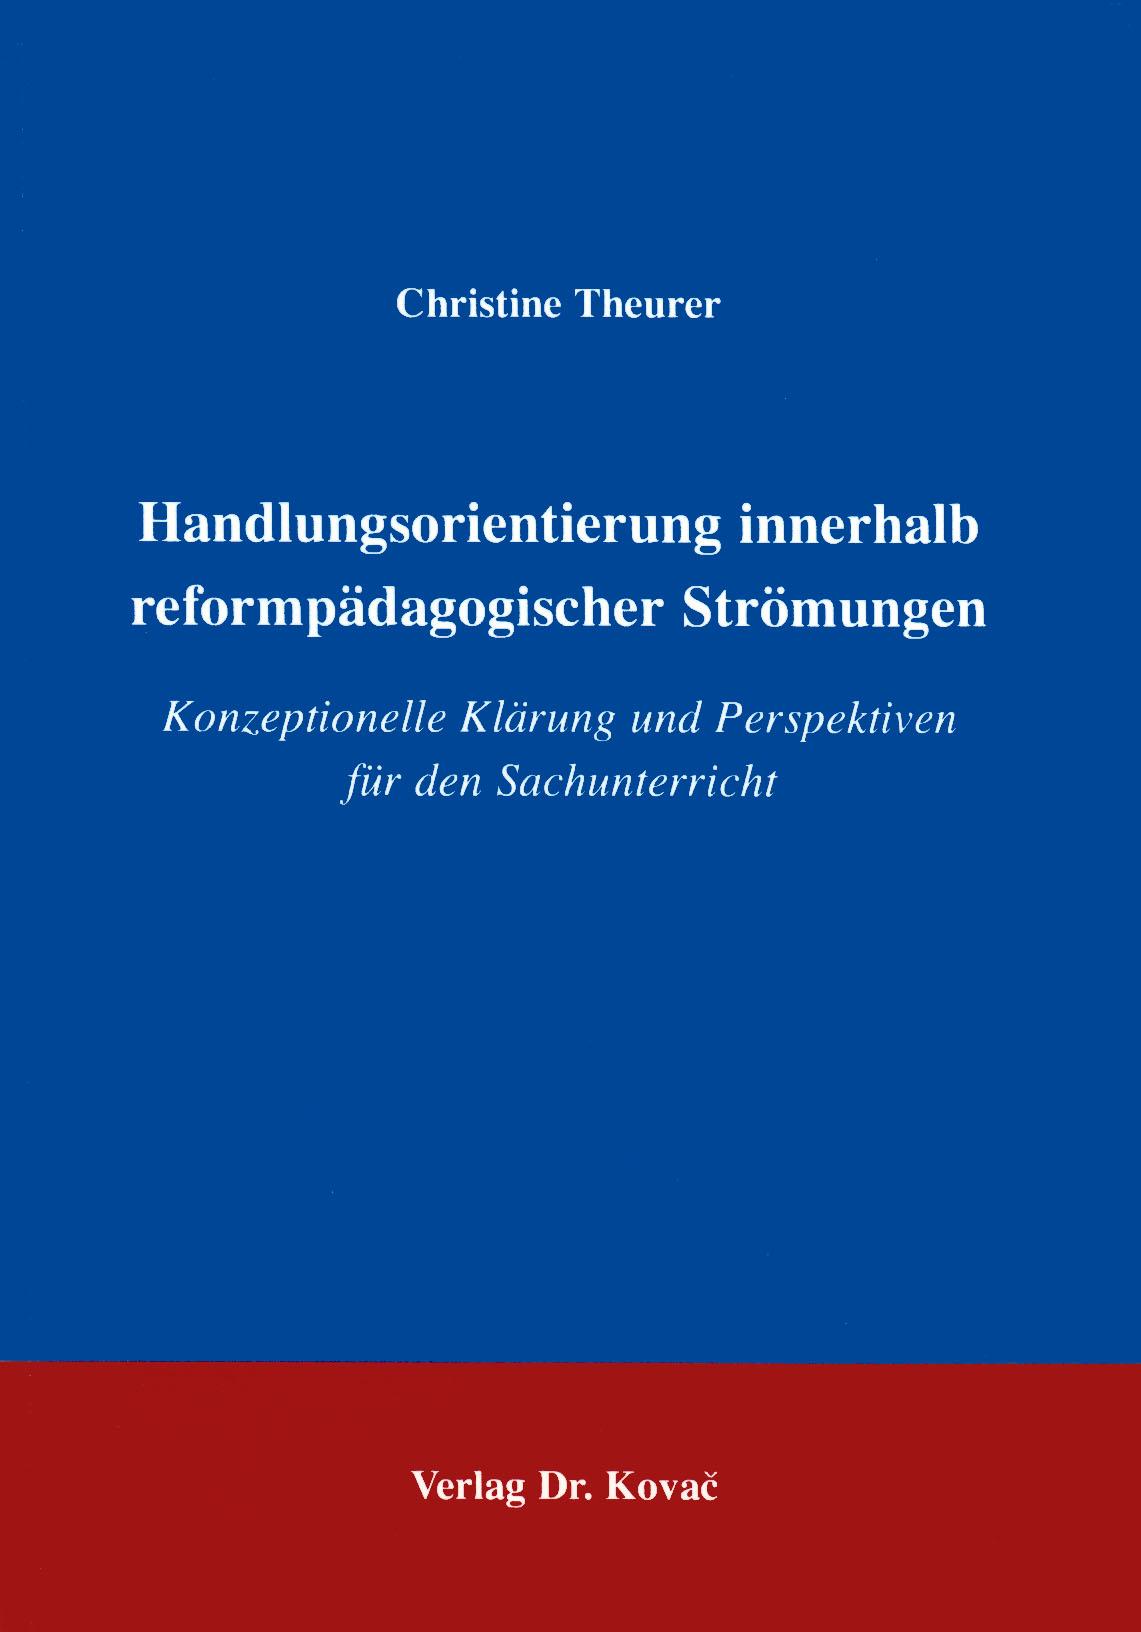 Cover: Handlungsorientierung innerhalb reformpädagogischer Strömungen